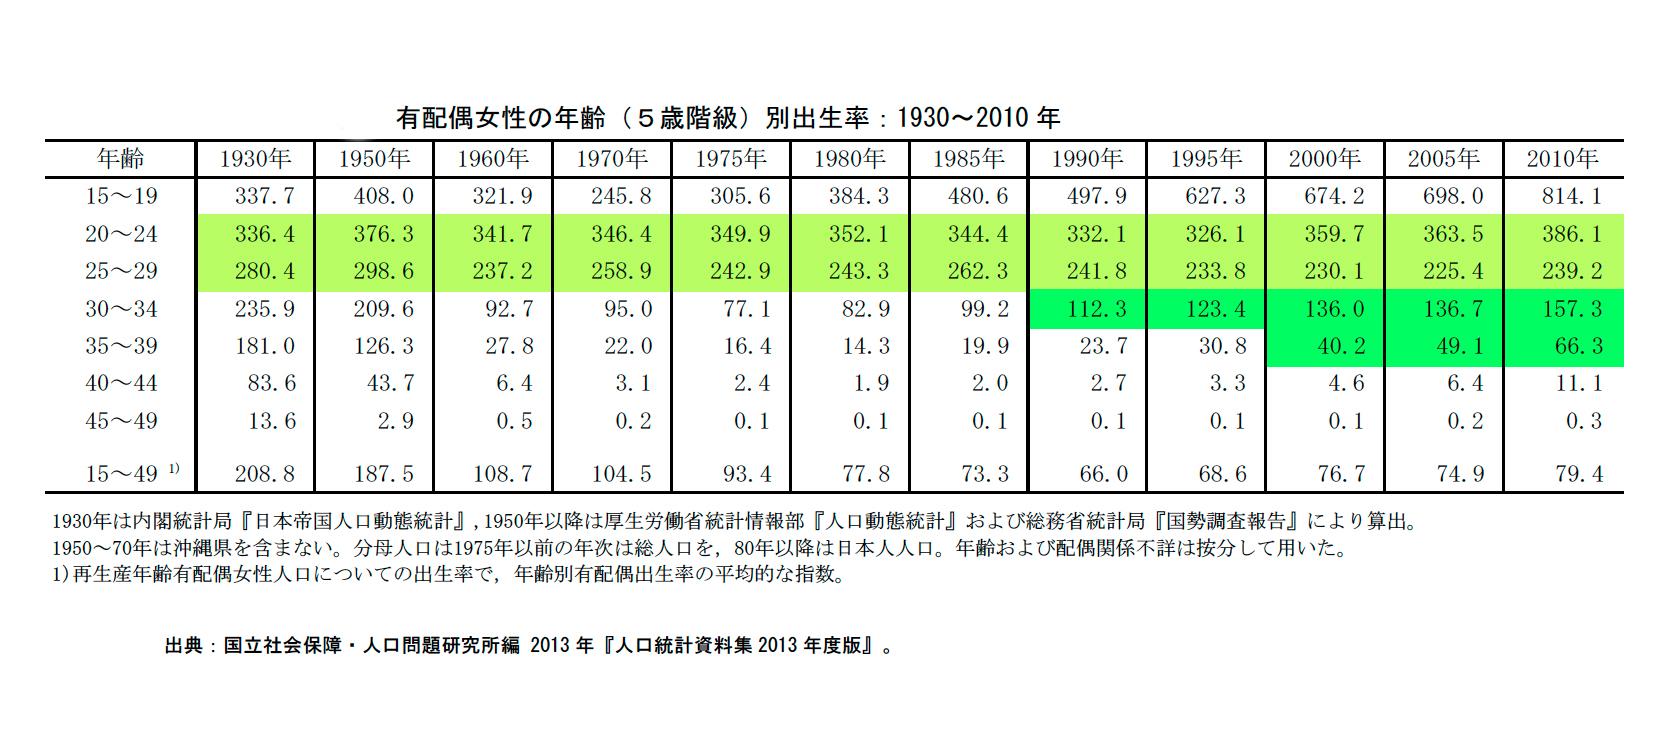 表1  有配偶女性の年齢(5歳階級)別出生率 :1930~2010年